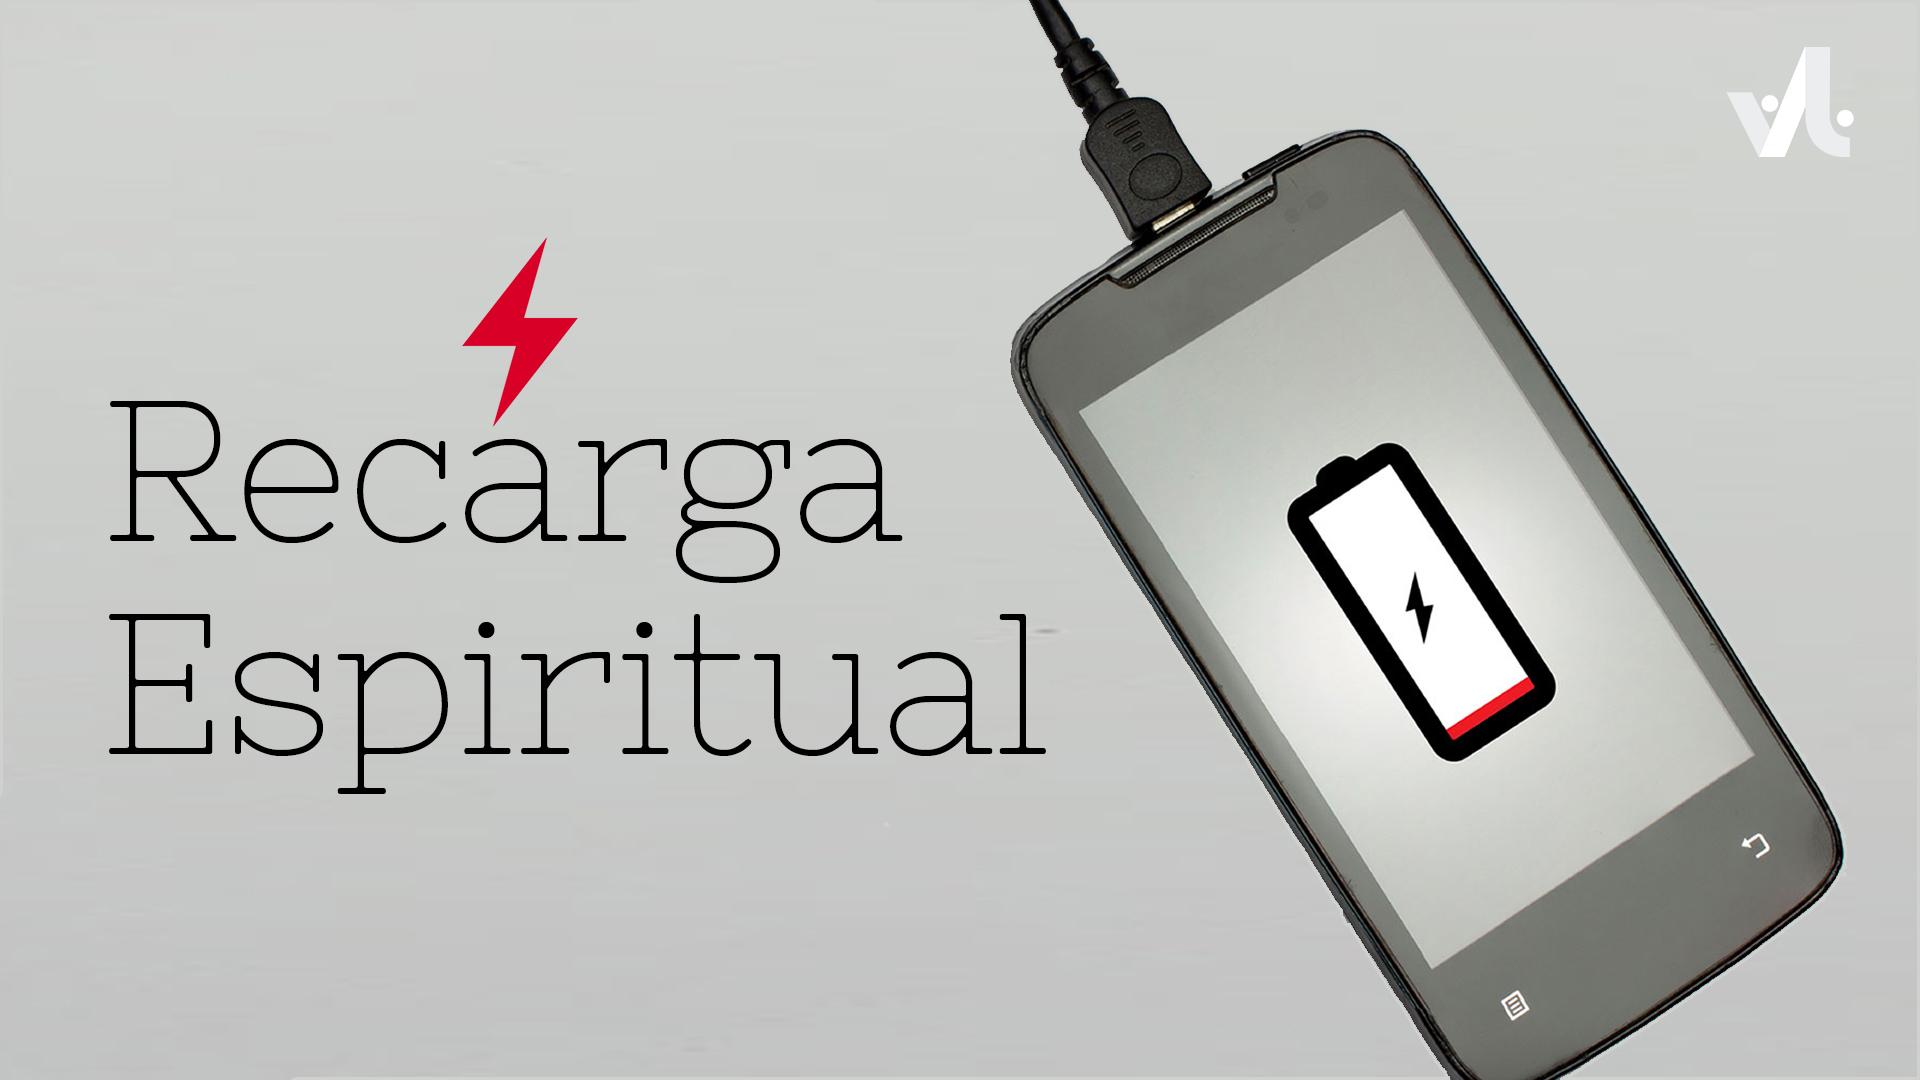 Recarga Espiritual